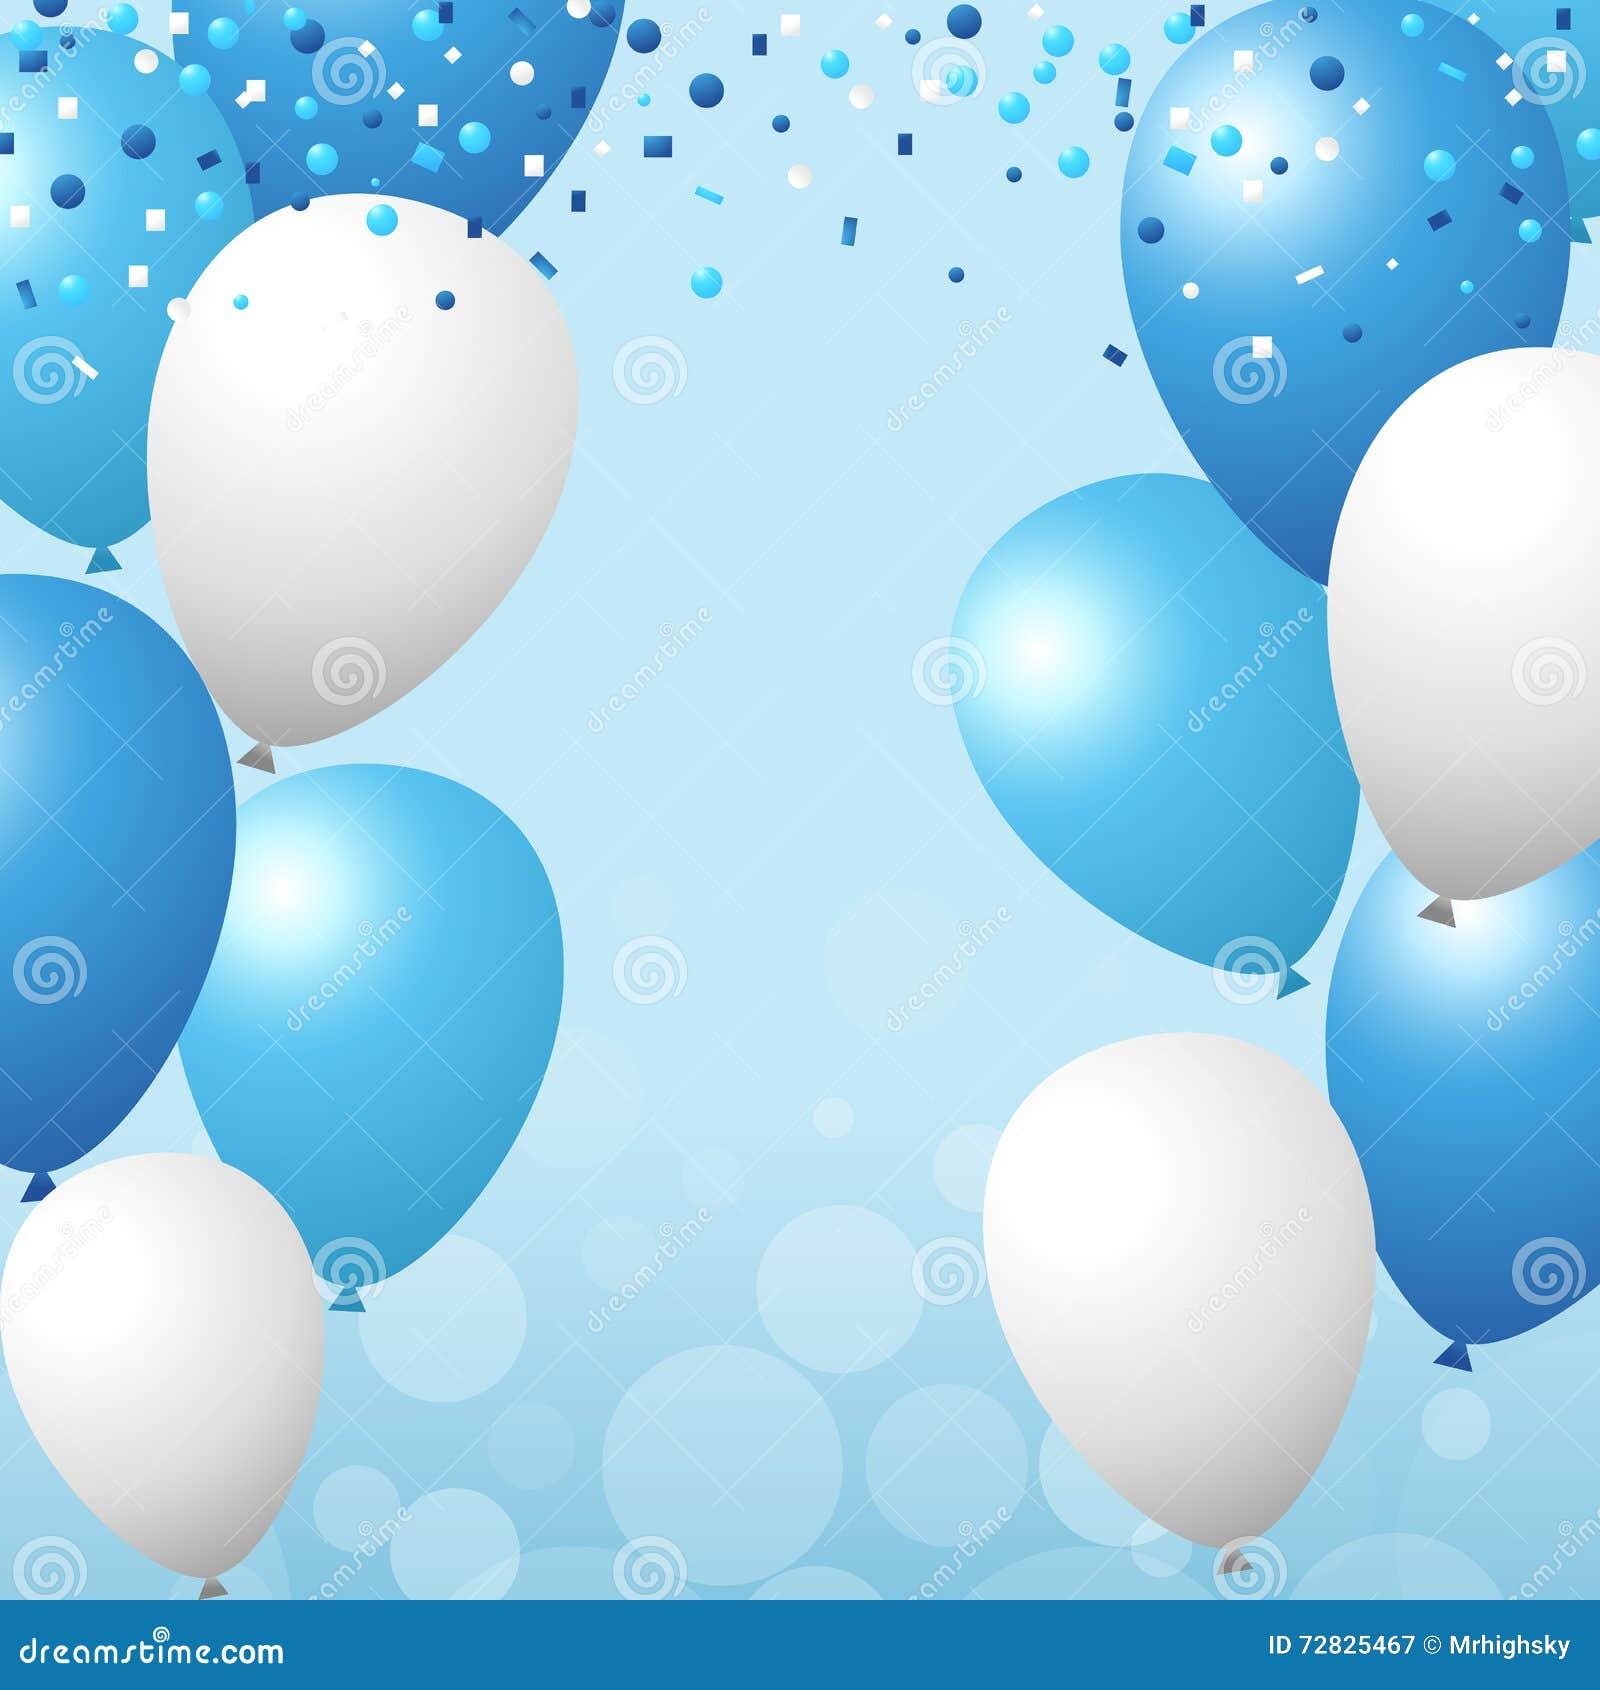 Hacer Un Plano Online Globos Y Fondo Azules Y Blancos Del Confeti Ilustraci 243 N